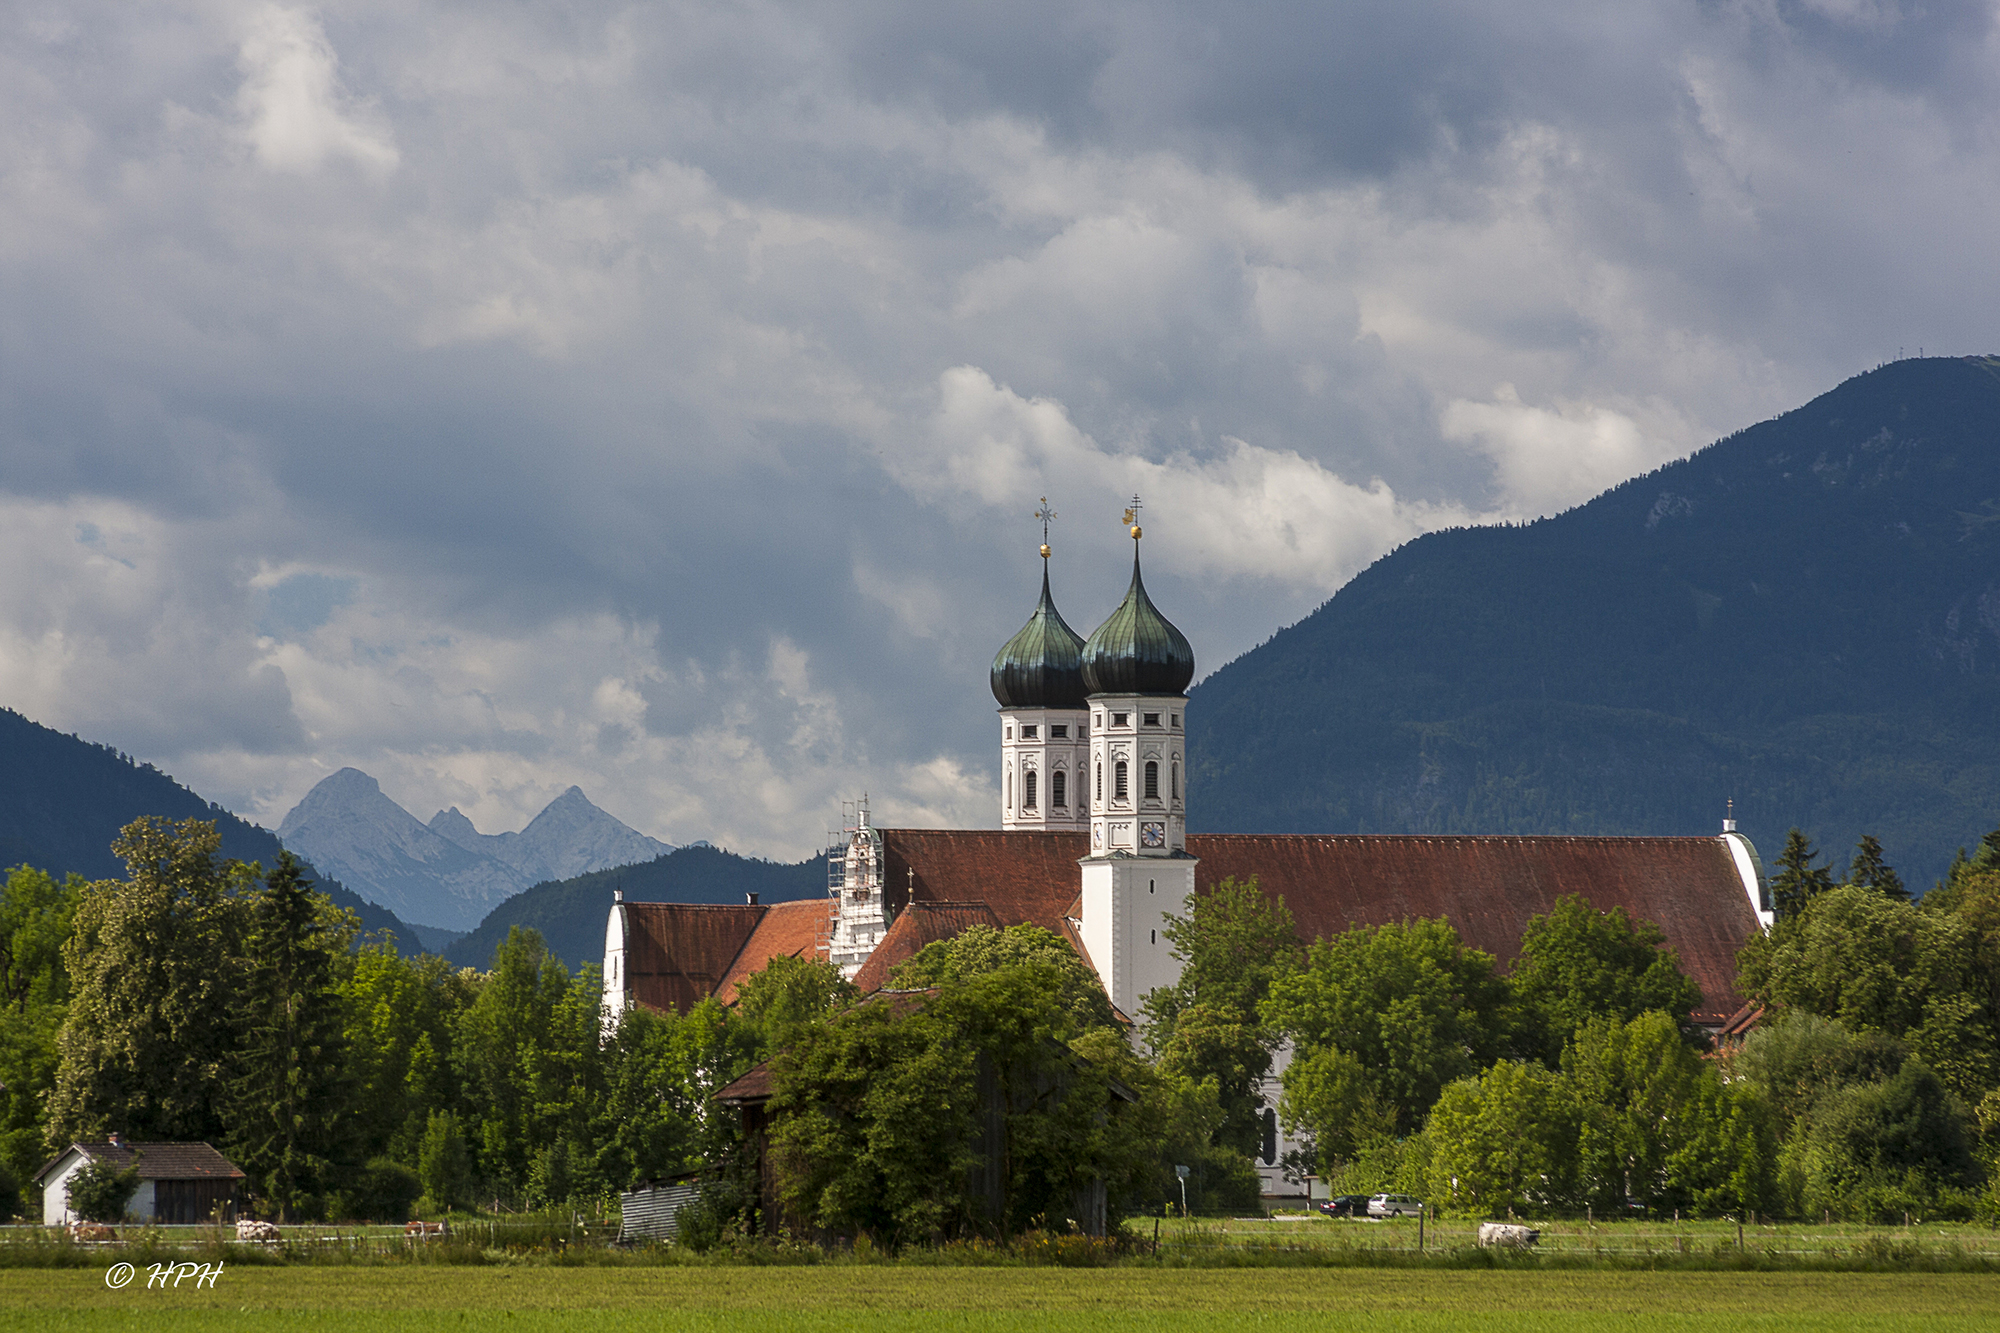 Benediktbeuern Abbey, Germany